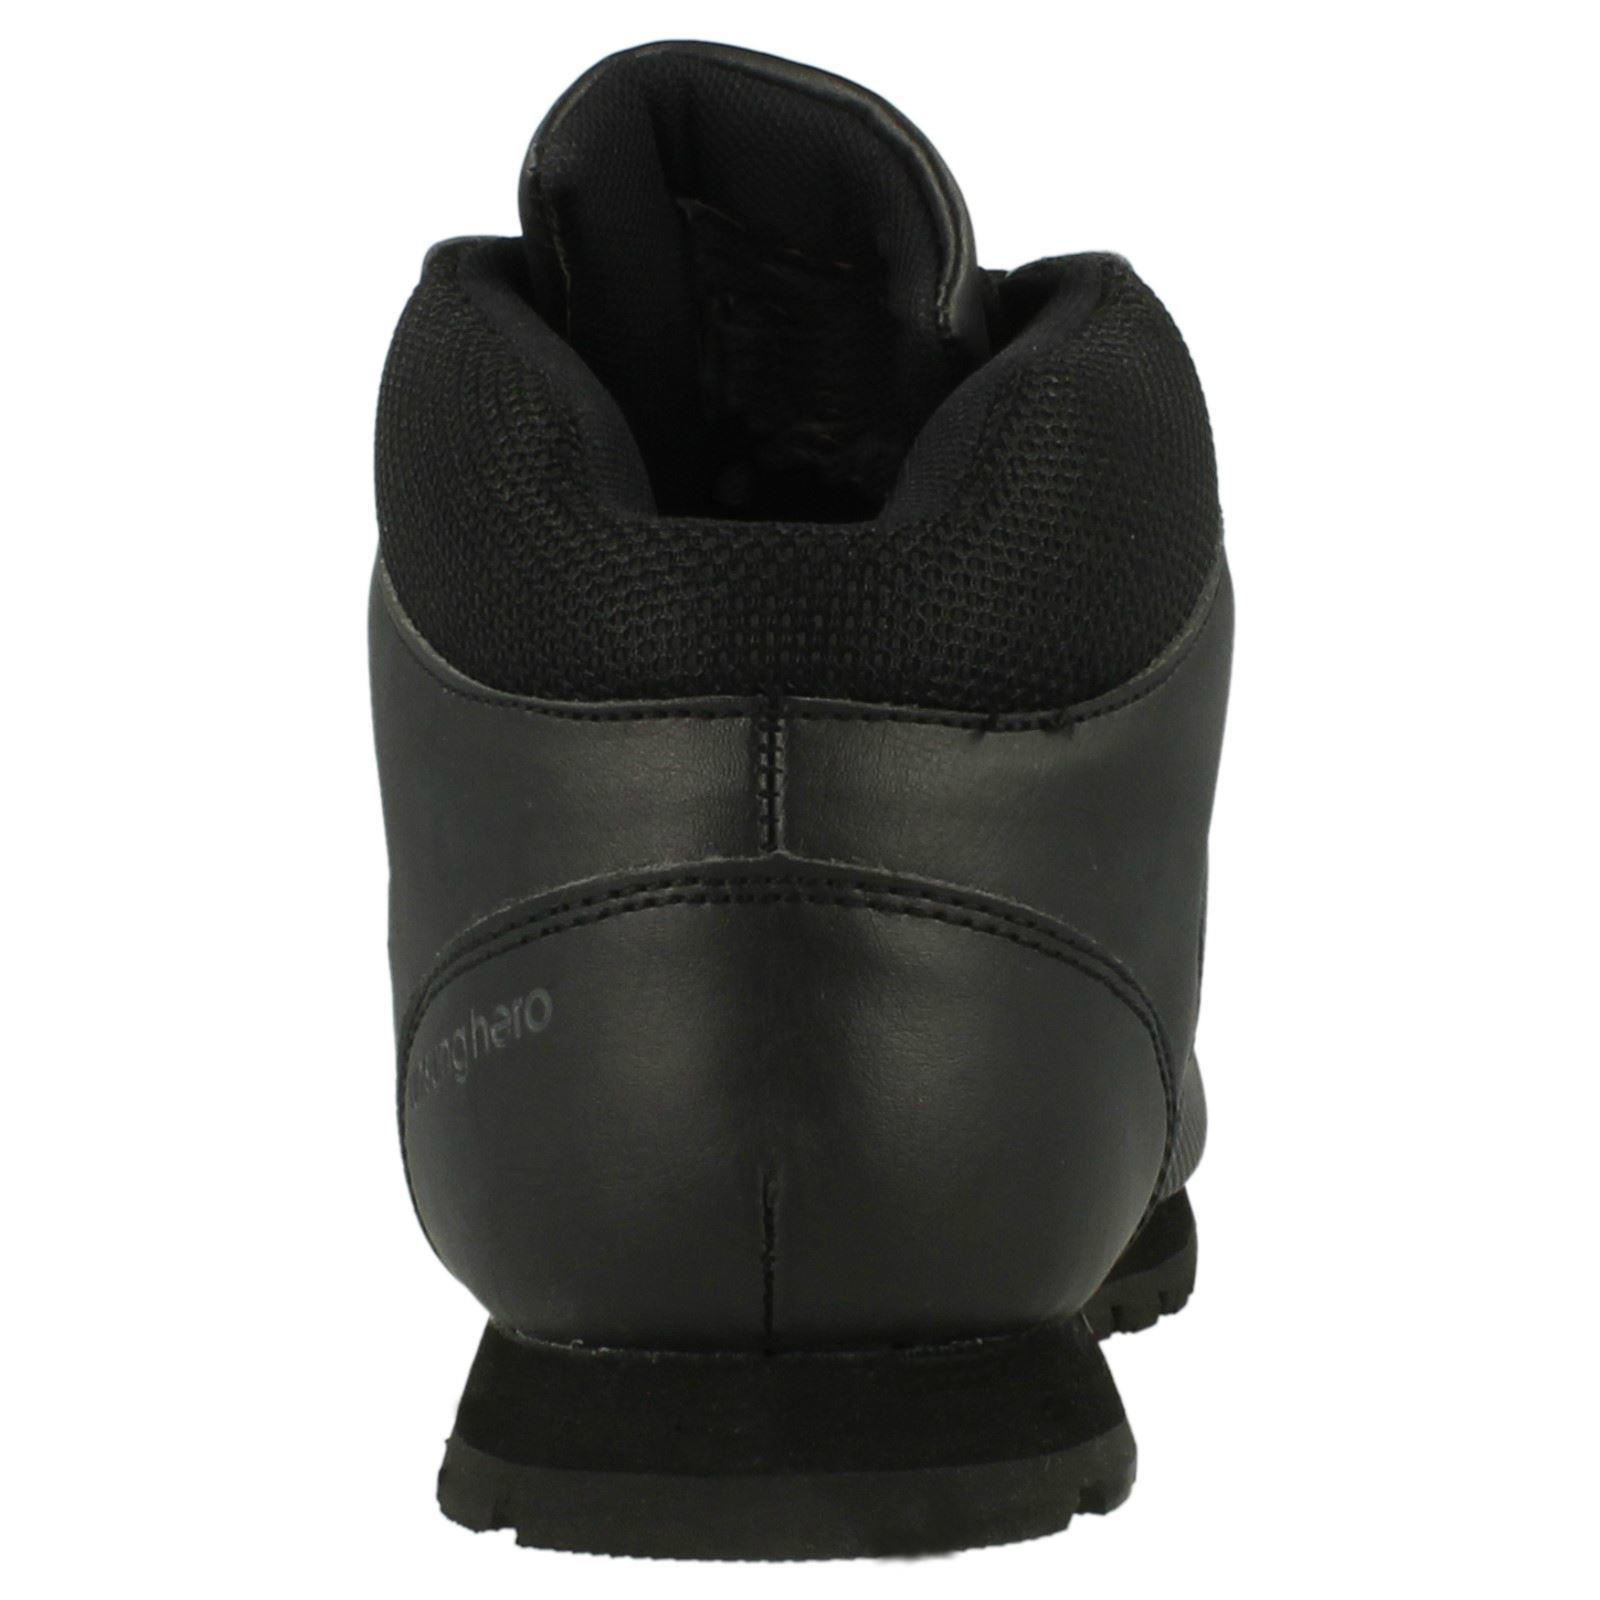 Henleys-unsunghero-Para-hombre-Botas-para-Caminar-Con-Cordones-Zapatos-De-Invierno-Al-Aire-Libre-7 miniatura 12